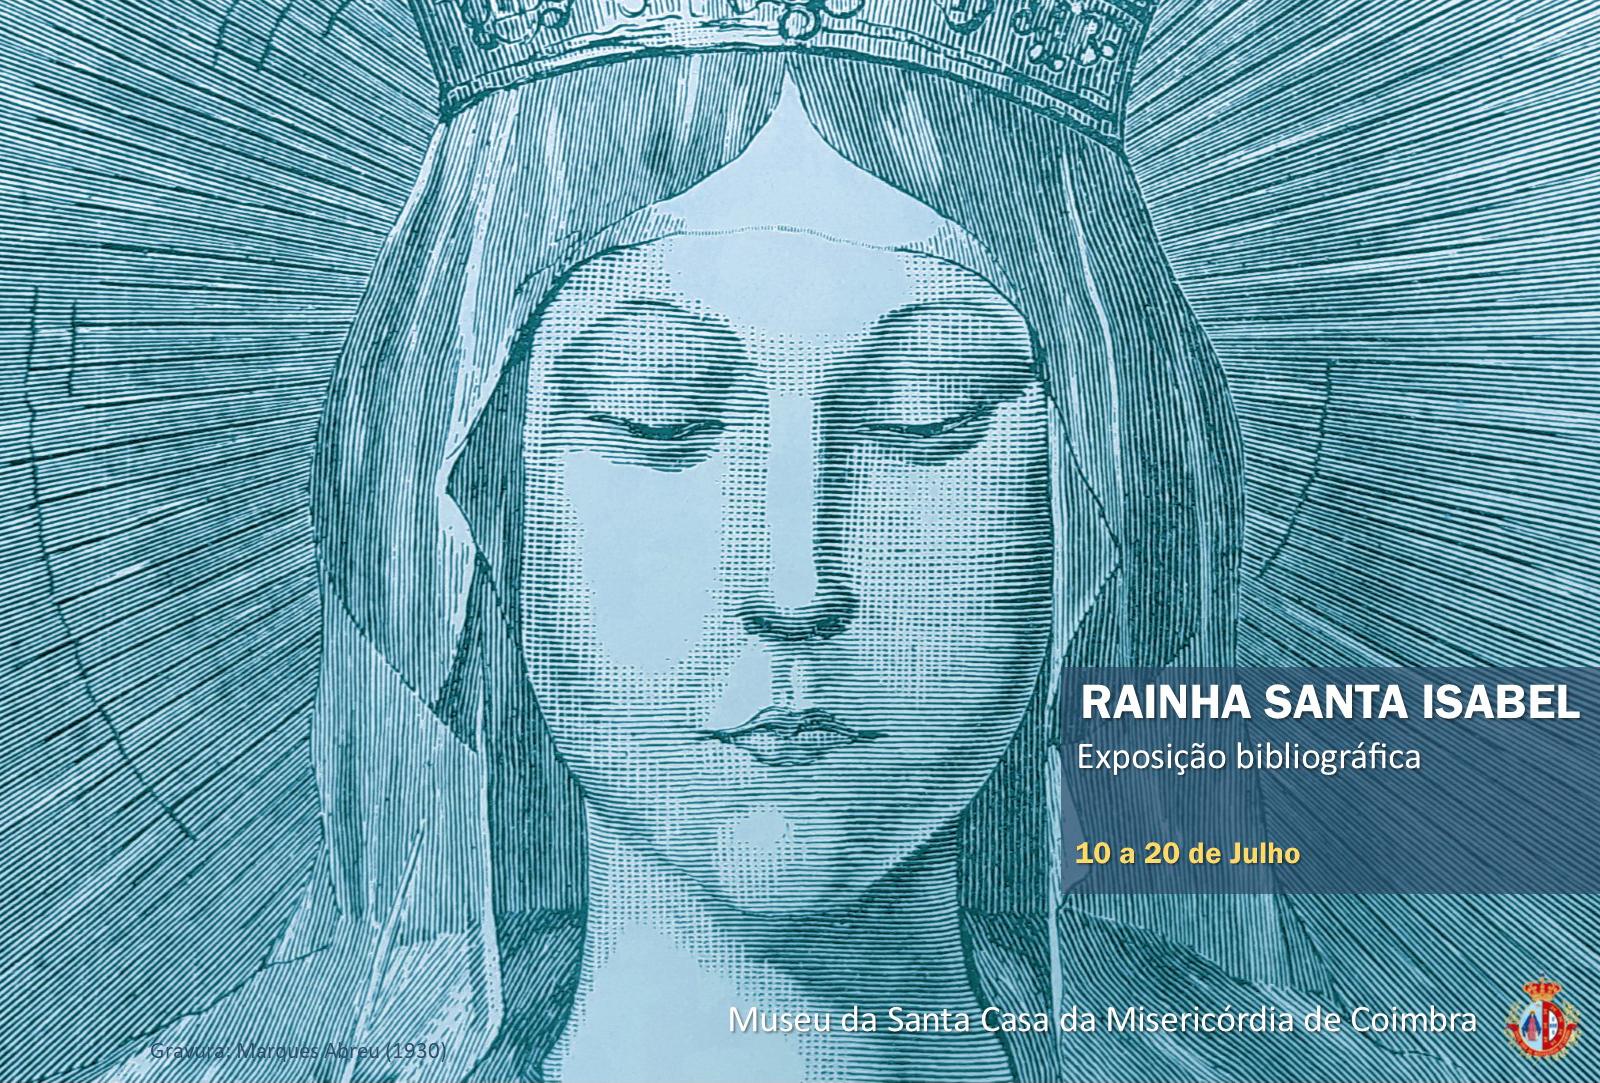 Coimbra | Exposição sobre Rainha Santa Isabel